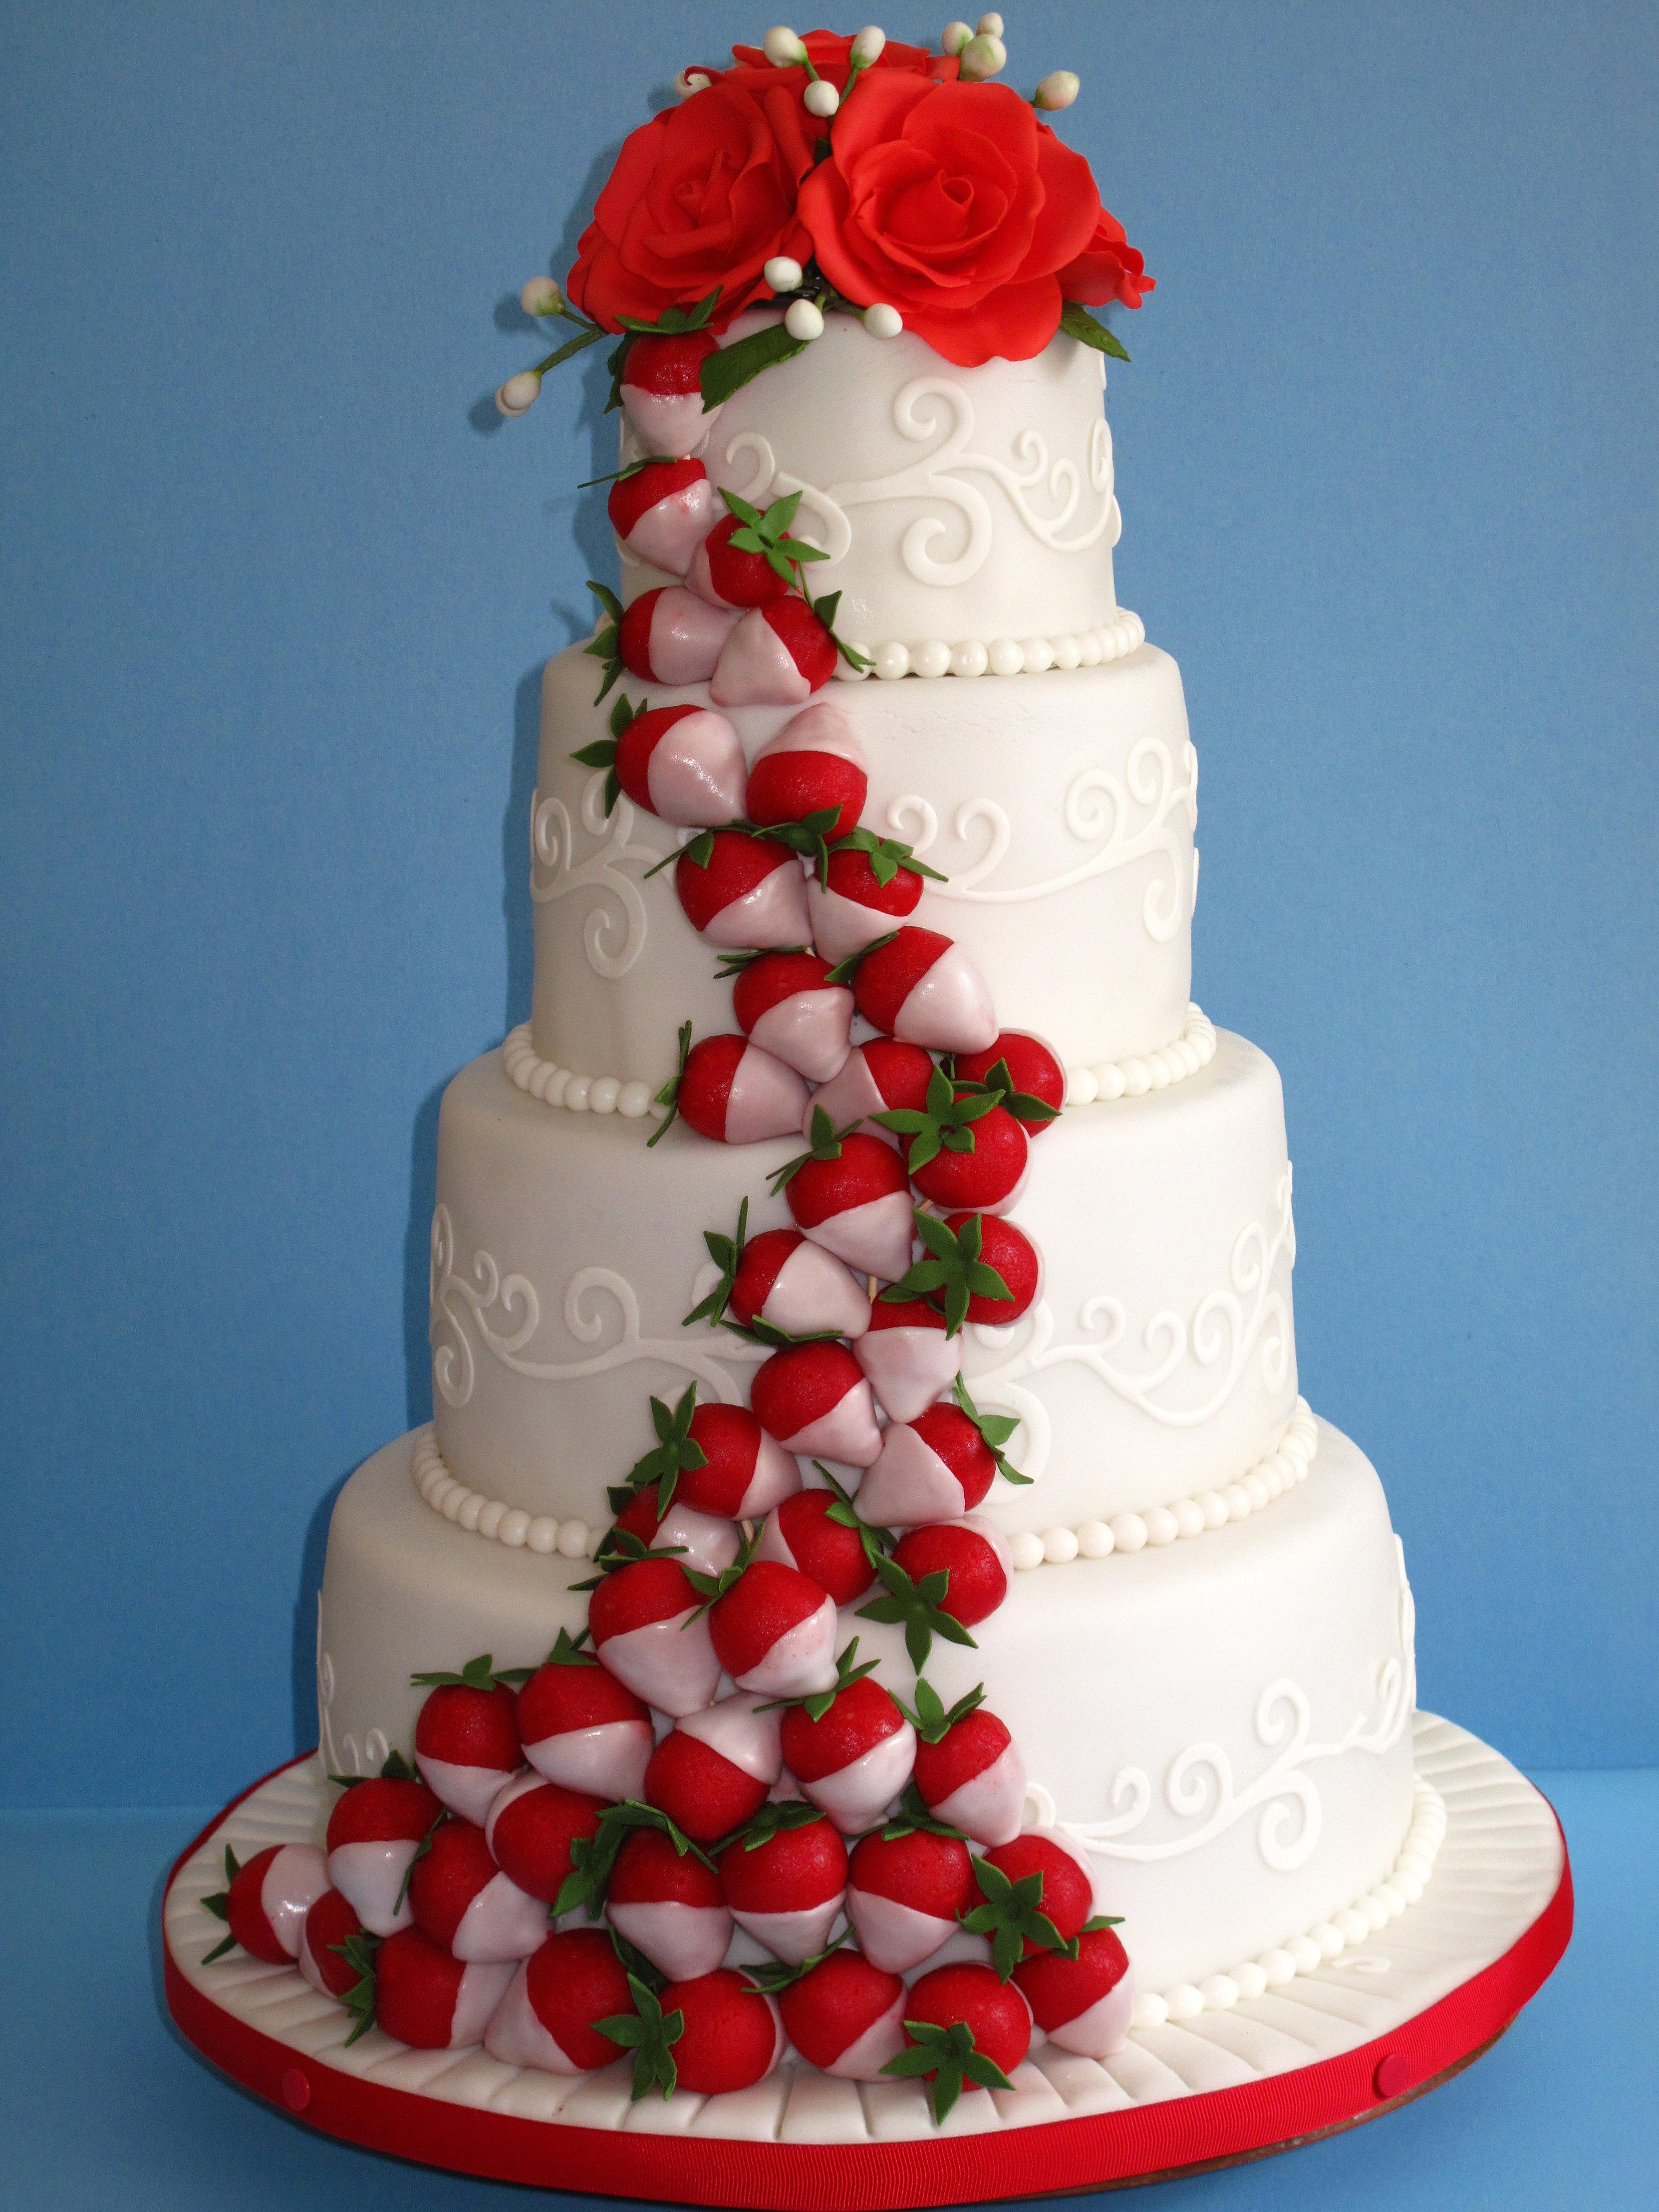 ... GATEAUX * JANA * GIFTS * CADEAUX  Gâteau de mariage-fraise,fraises